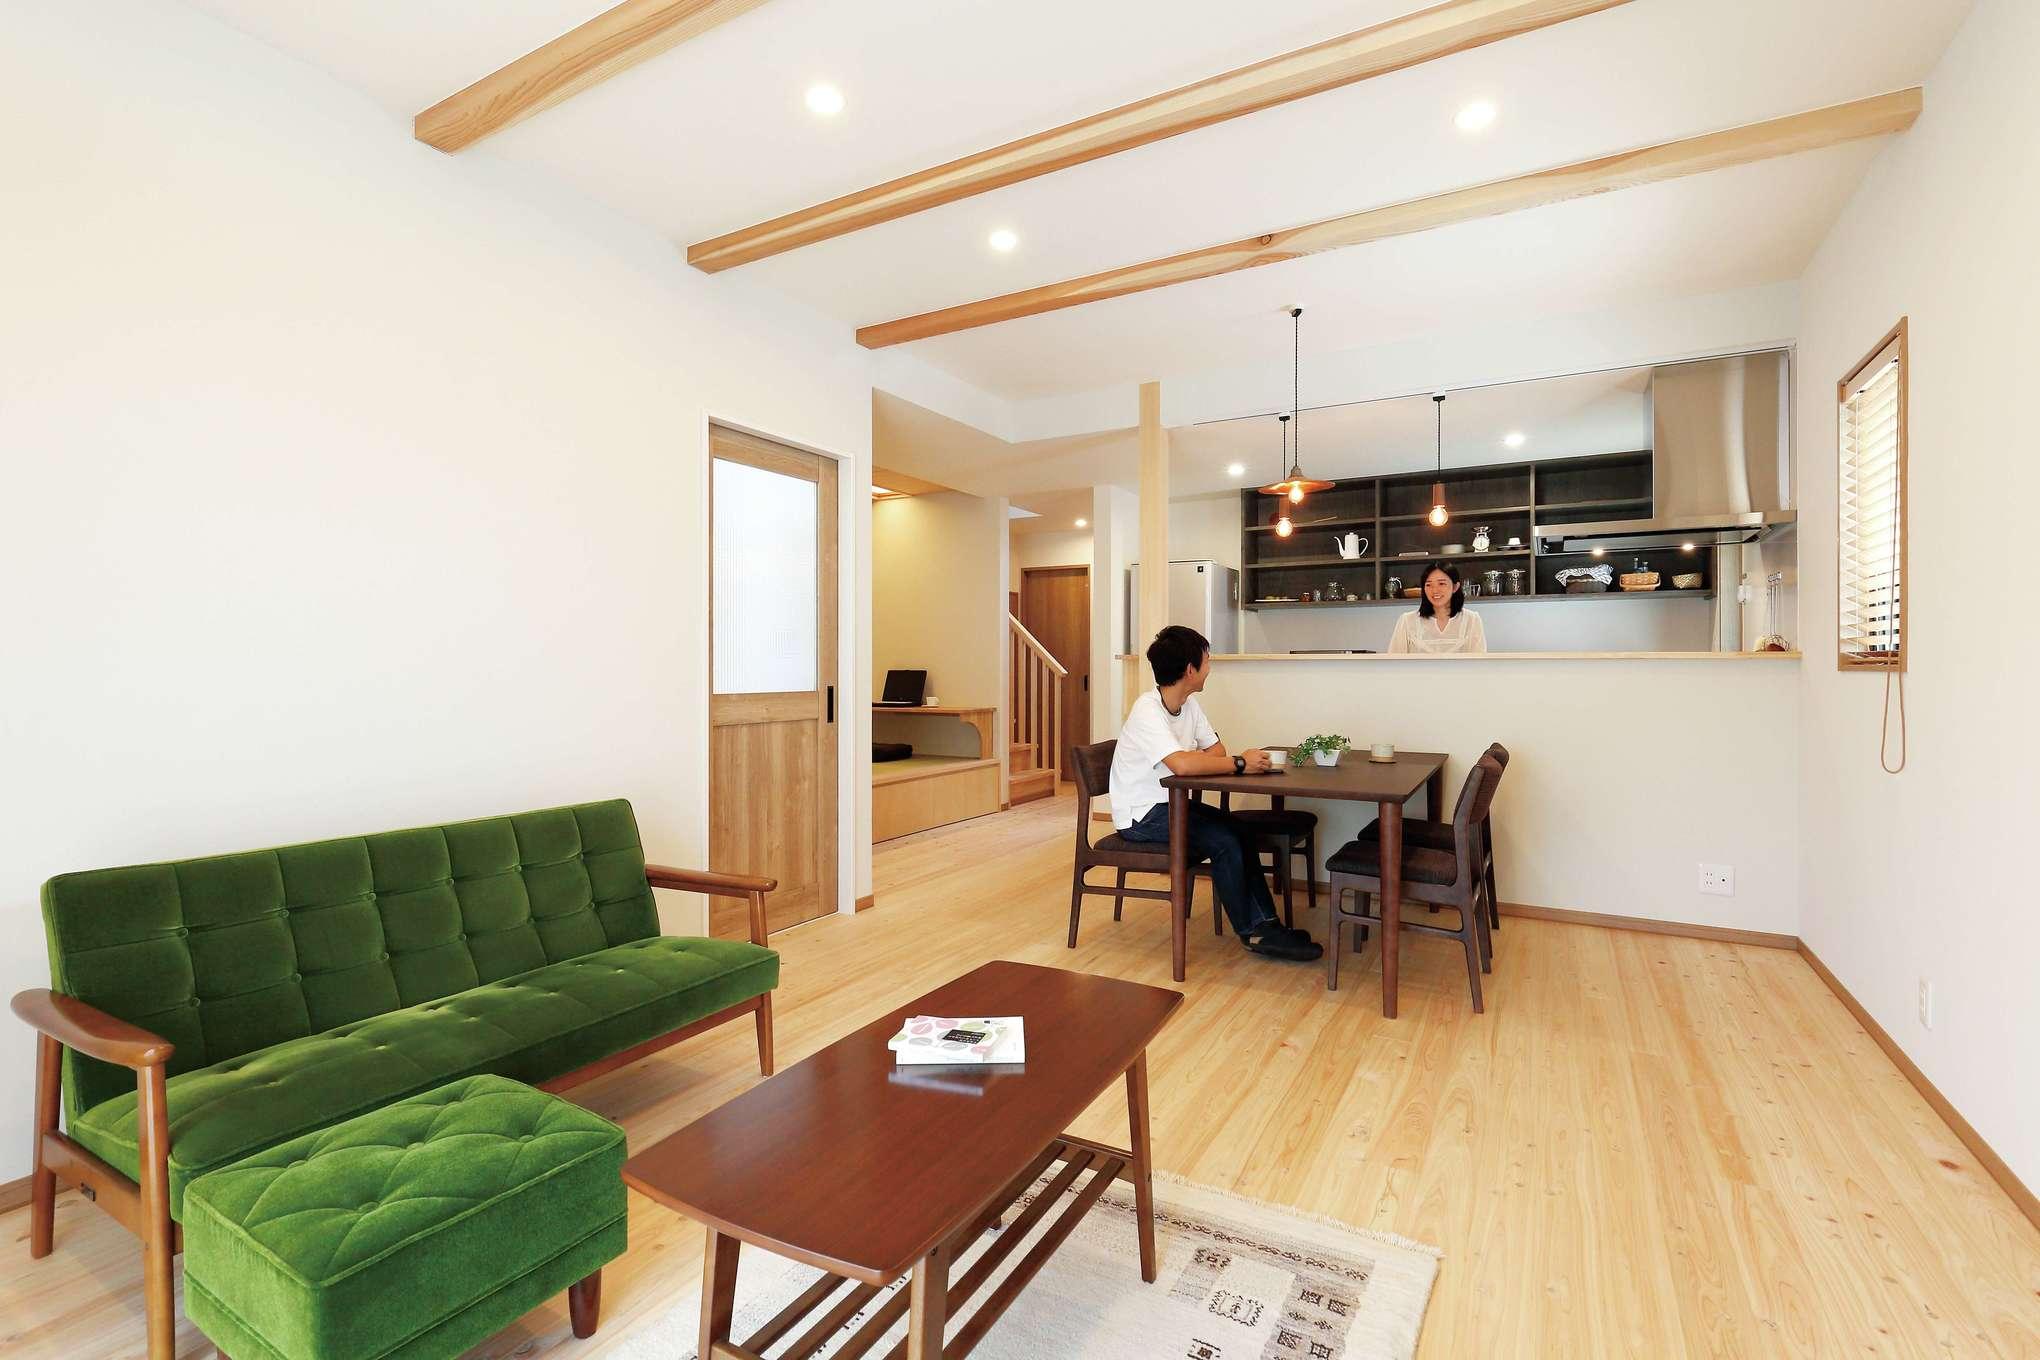 フジモクの家(富士木材)【デザイン住宅、収納力、自然素材】上質な富士ヒノキと珪藻土に包まれたLDK。ナチュラルな空間に合わせて、レトロモダンなソファや照明、雑貨を揃えてコーディネートした